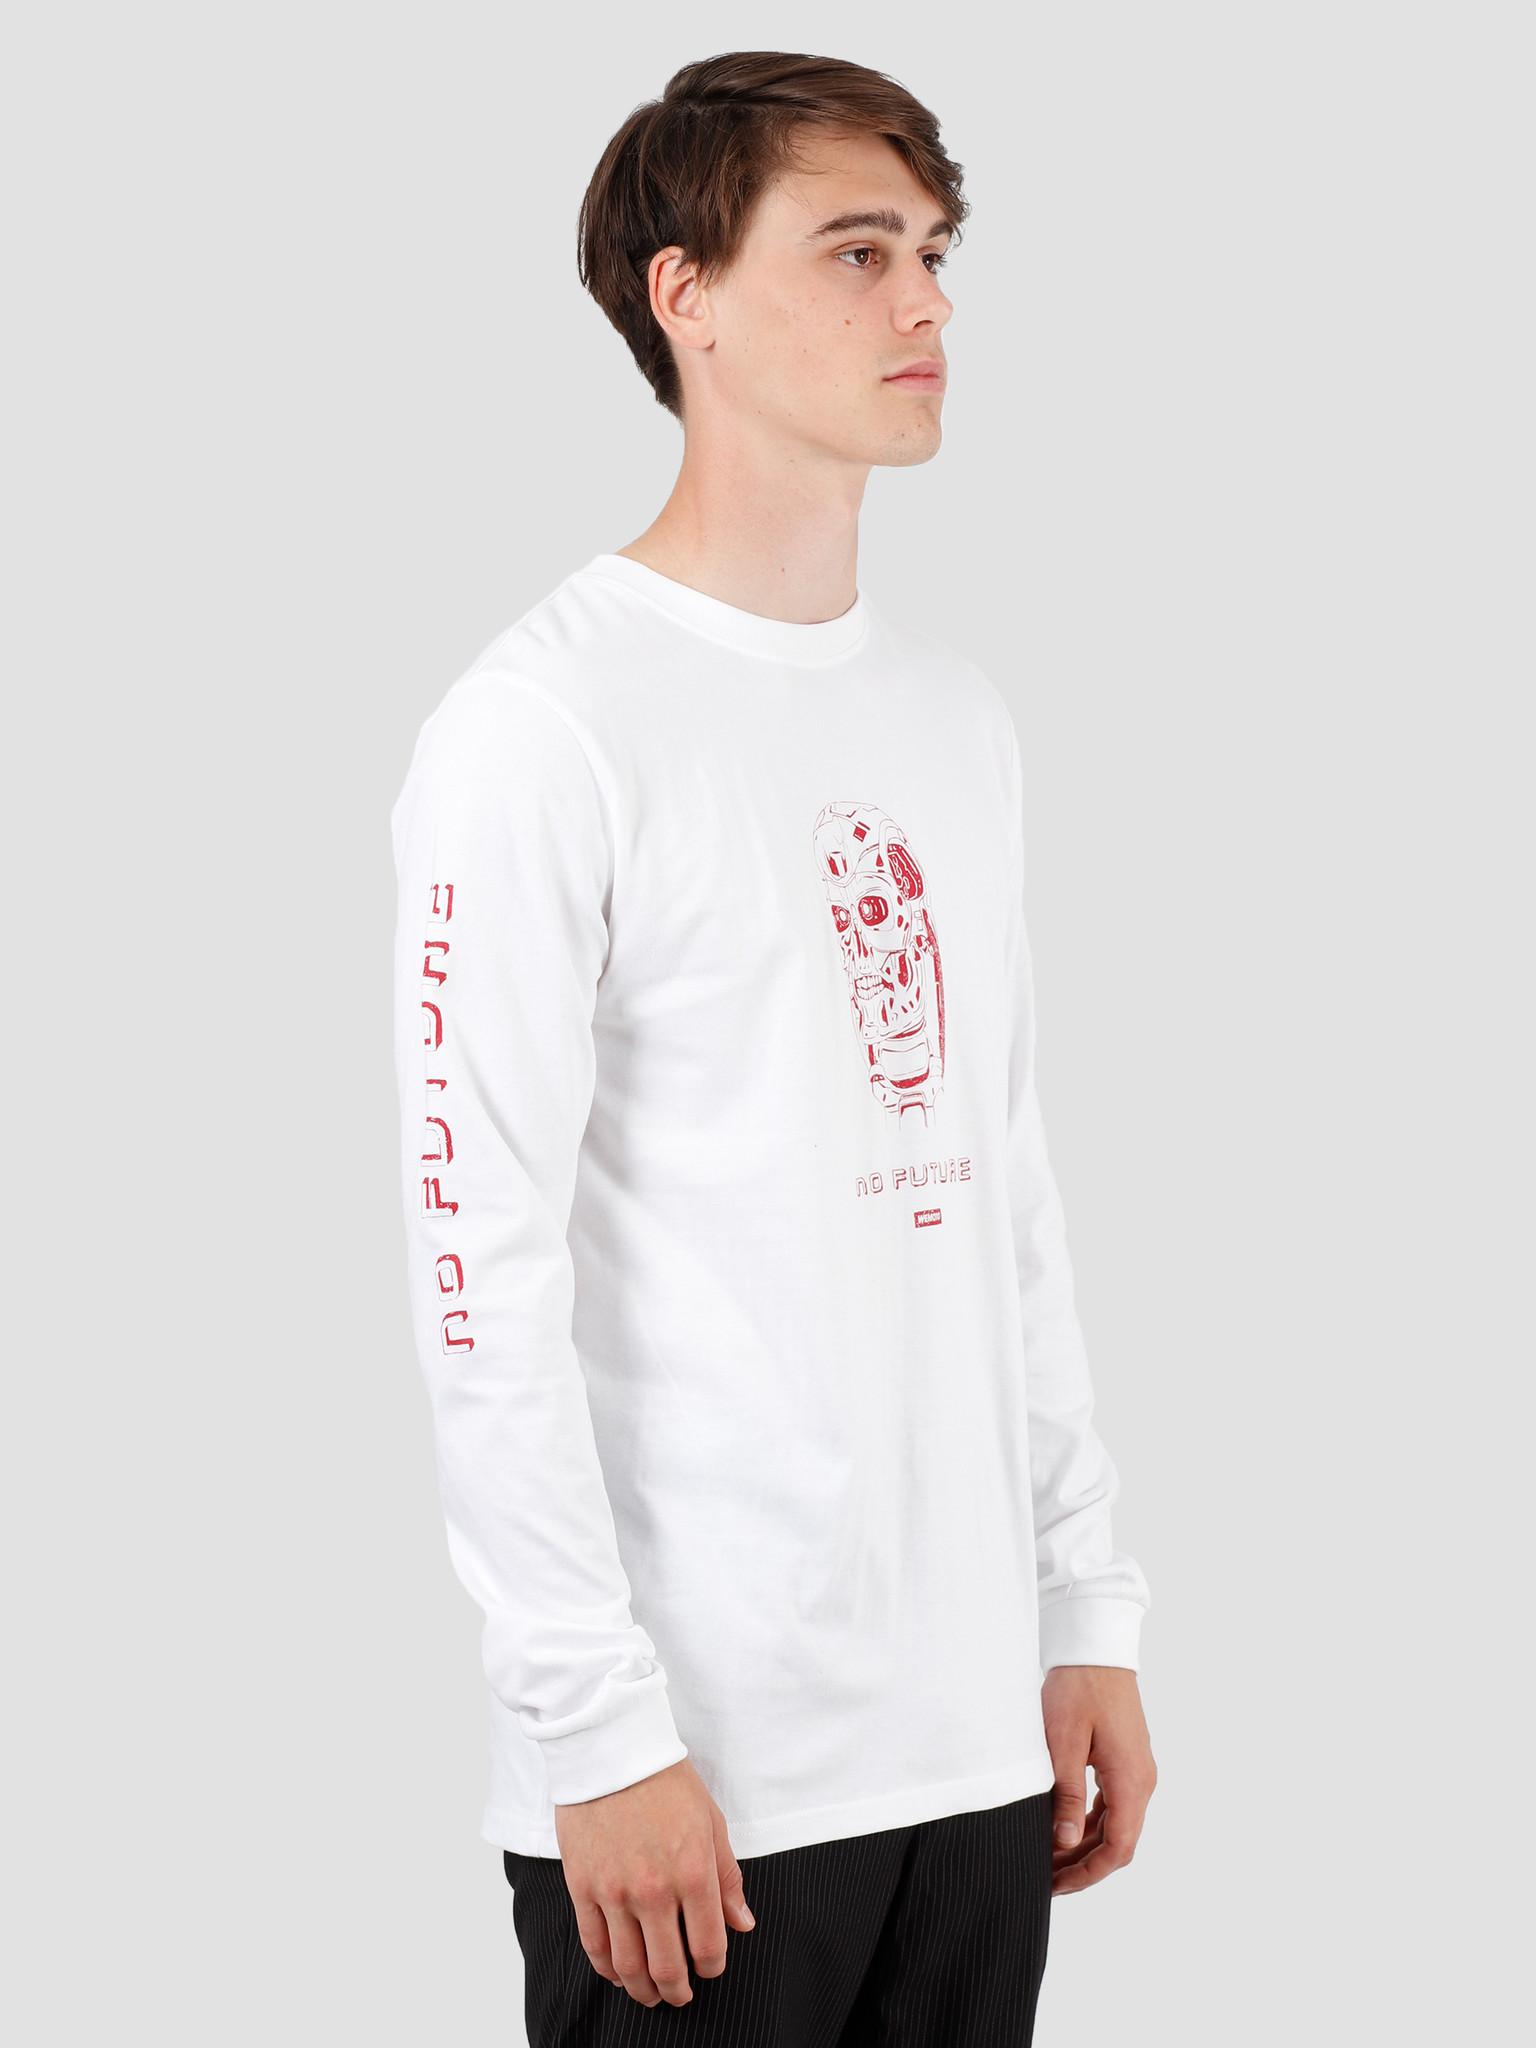 Wemoto Wemoto No Future Longsleeve White 141.130-200